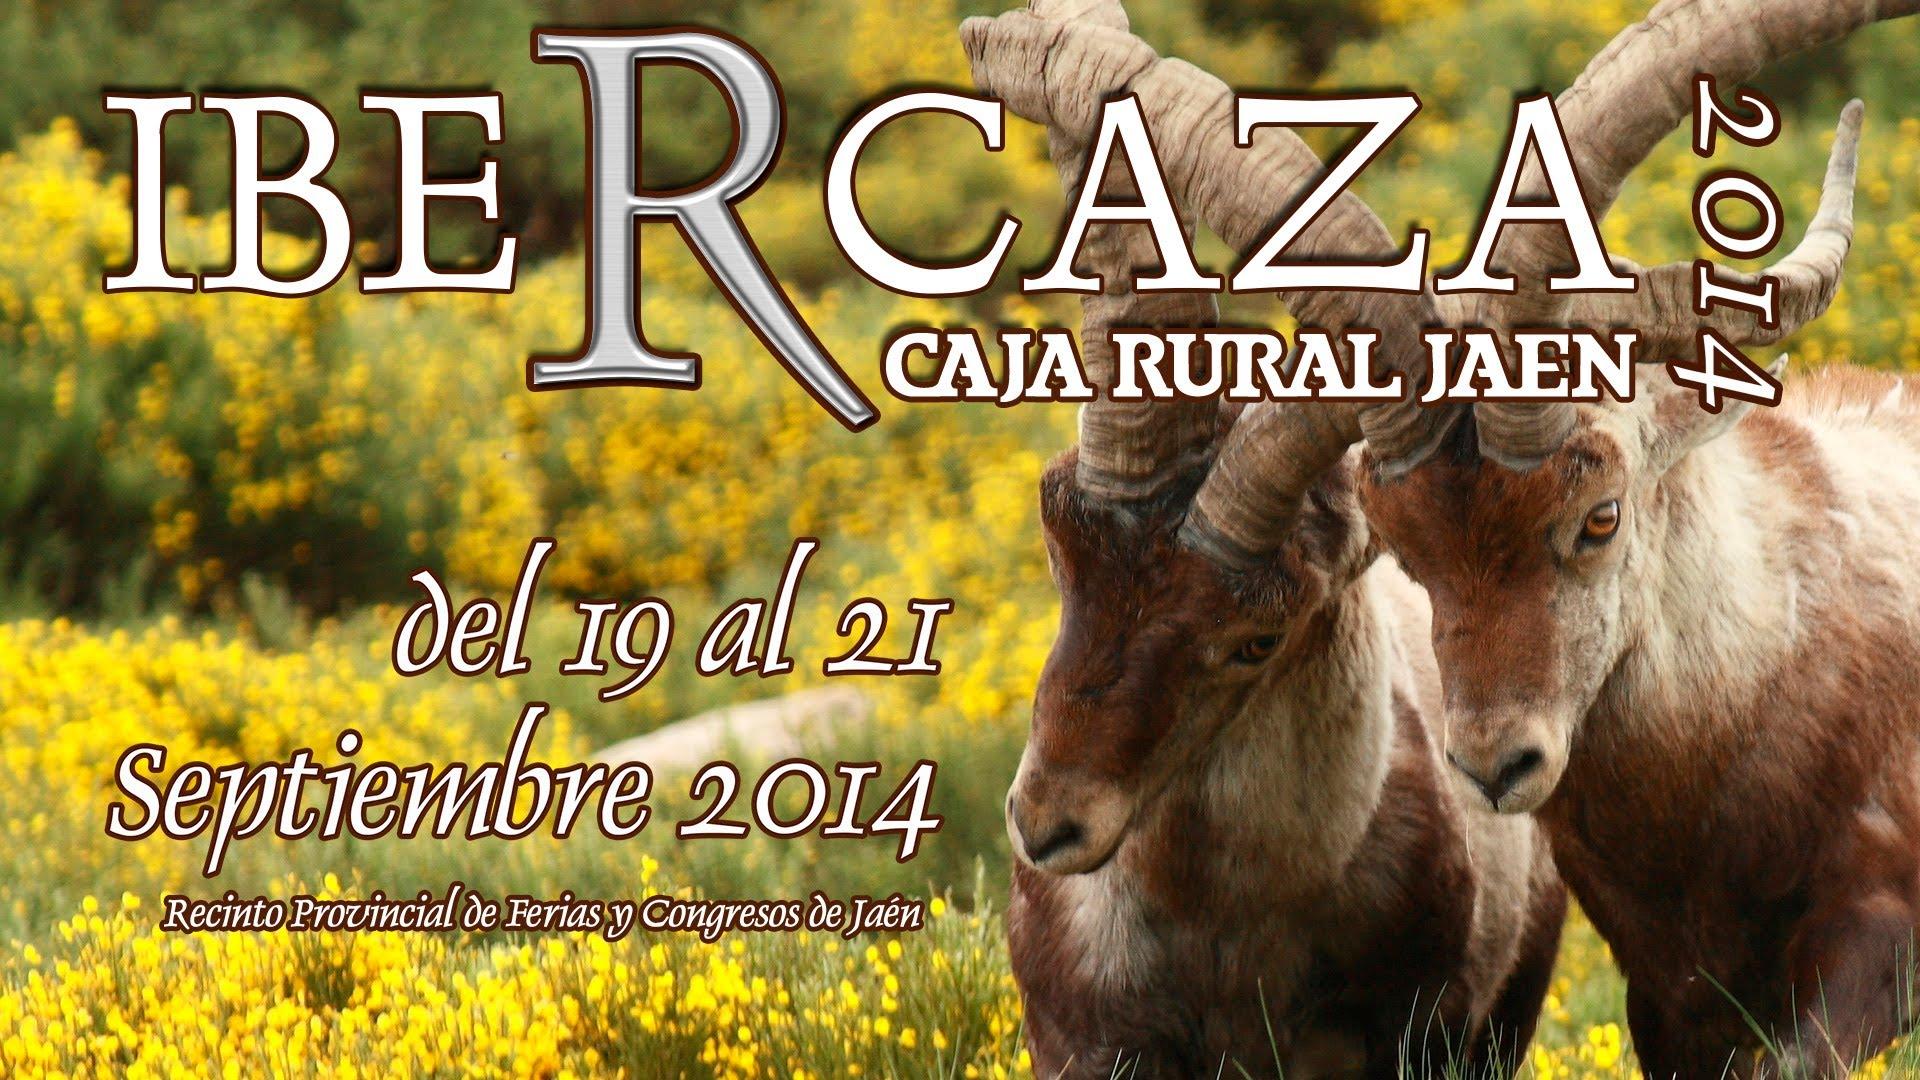 venta entradas online Ibercaza 2014